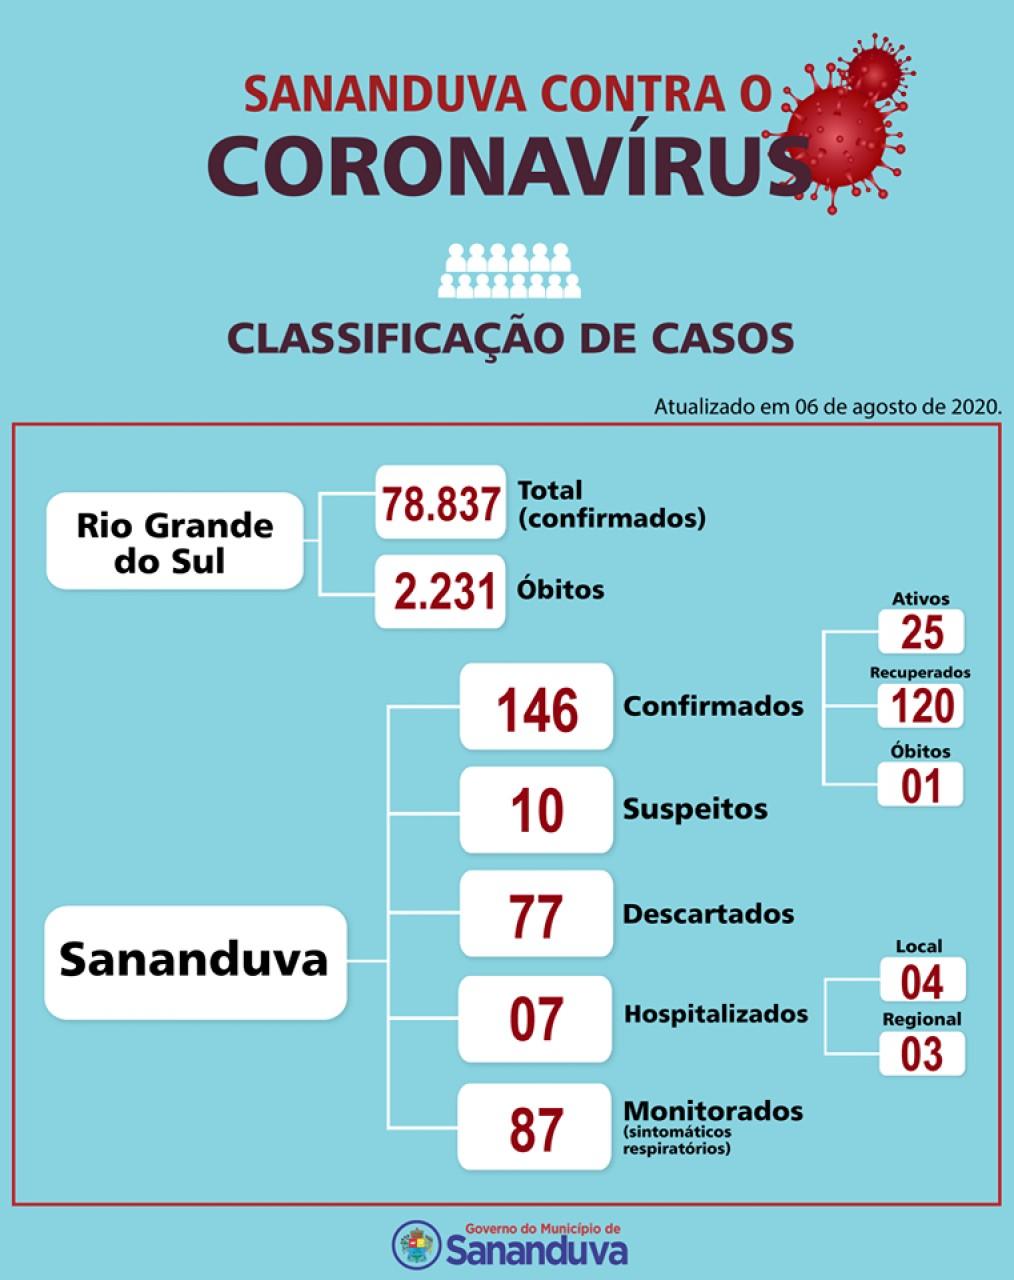 Sananduva registra 146 casos confirmados de Covid-19